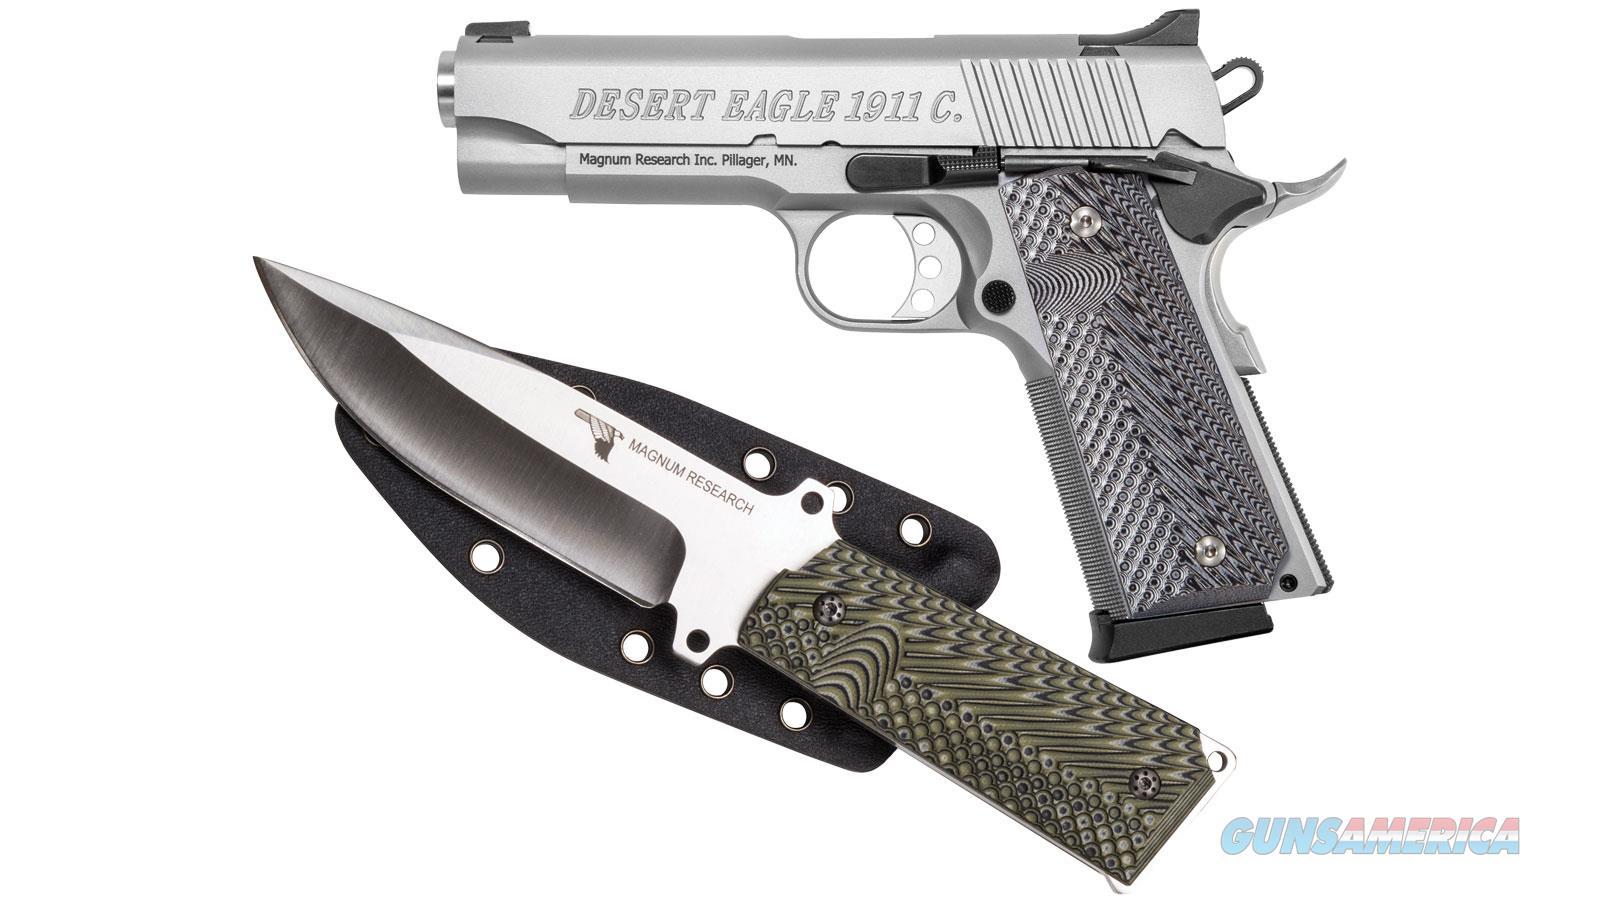 """Magnum Research De1911css-K 45Acp 4.3"""" 8Rd DE1911CSS-K  Guns > Pistols > Magnum Research Pistols"""